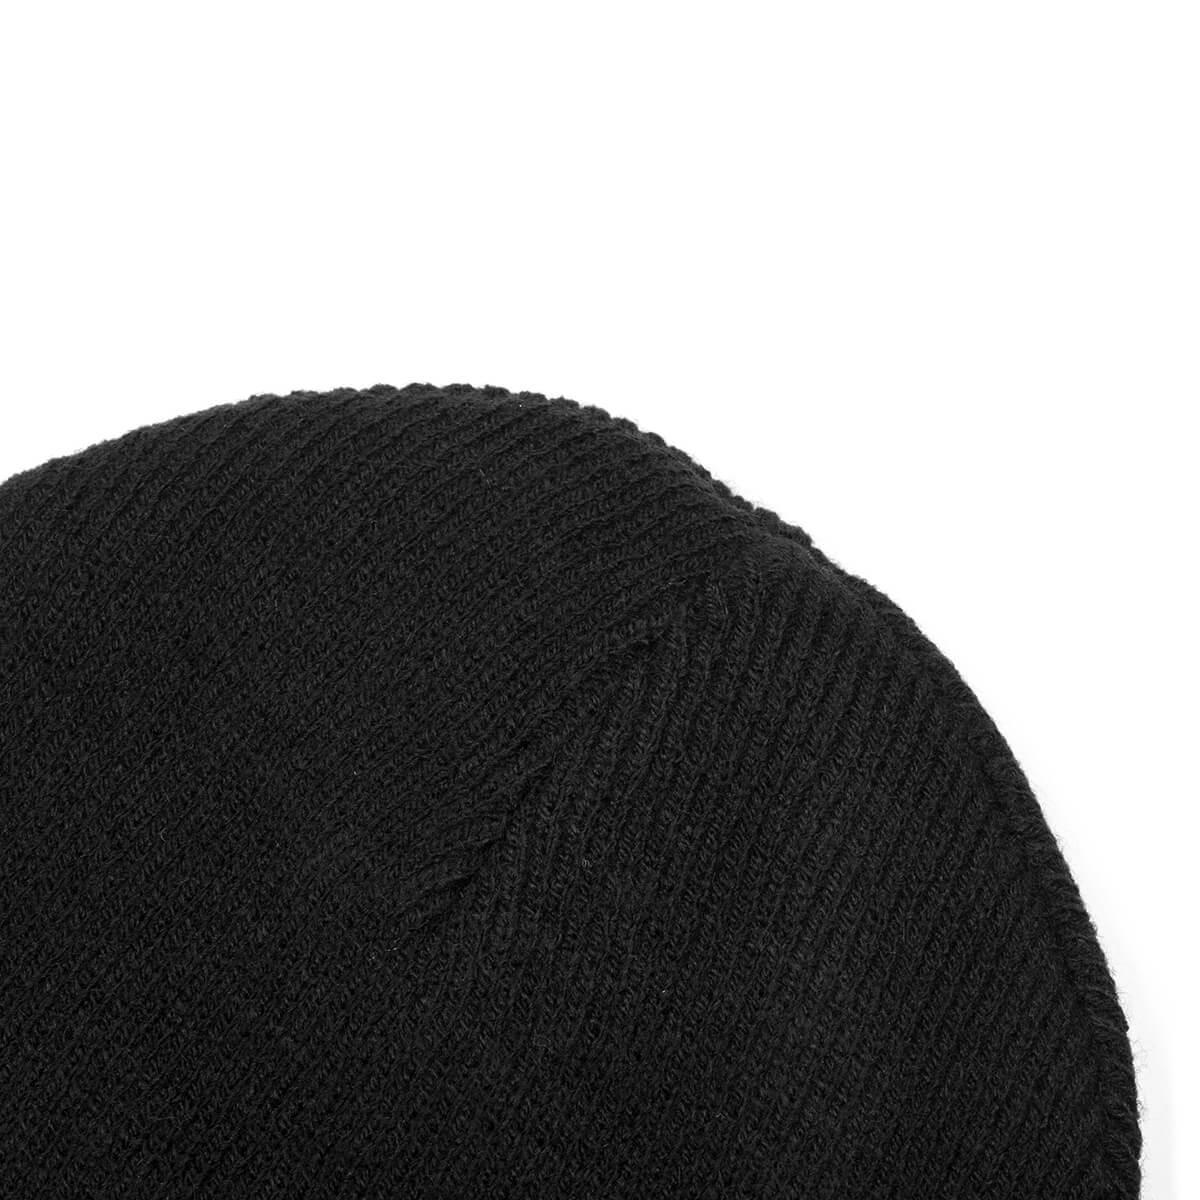 b848f0b2312 Lyst - Vans Mn Grove Beanie in Black for Men